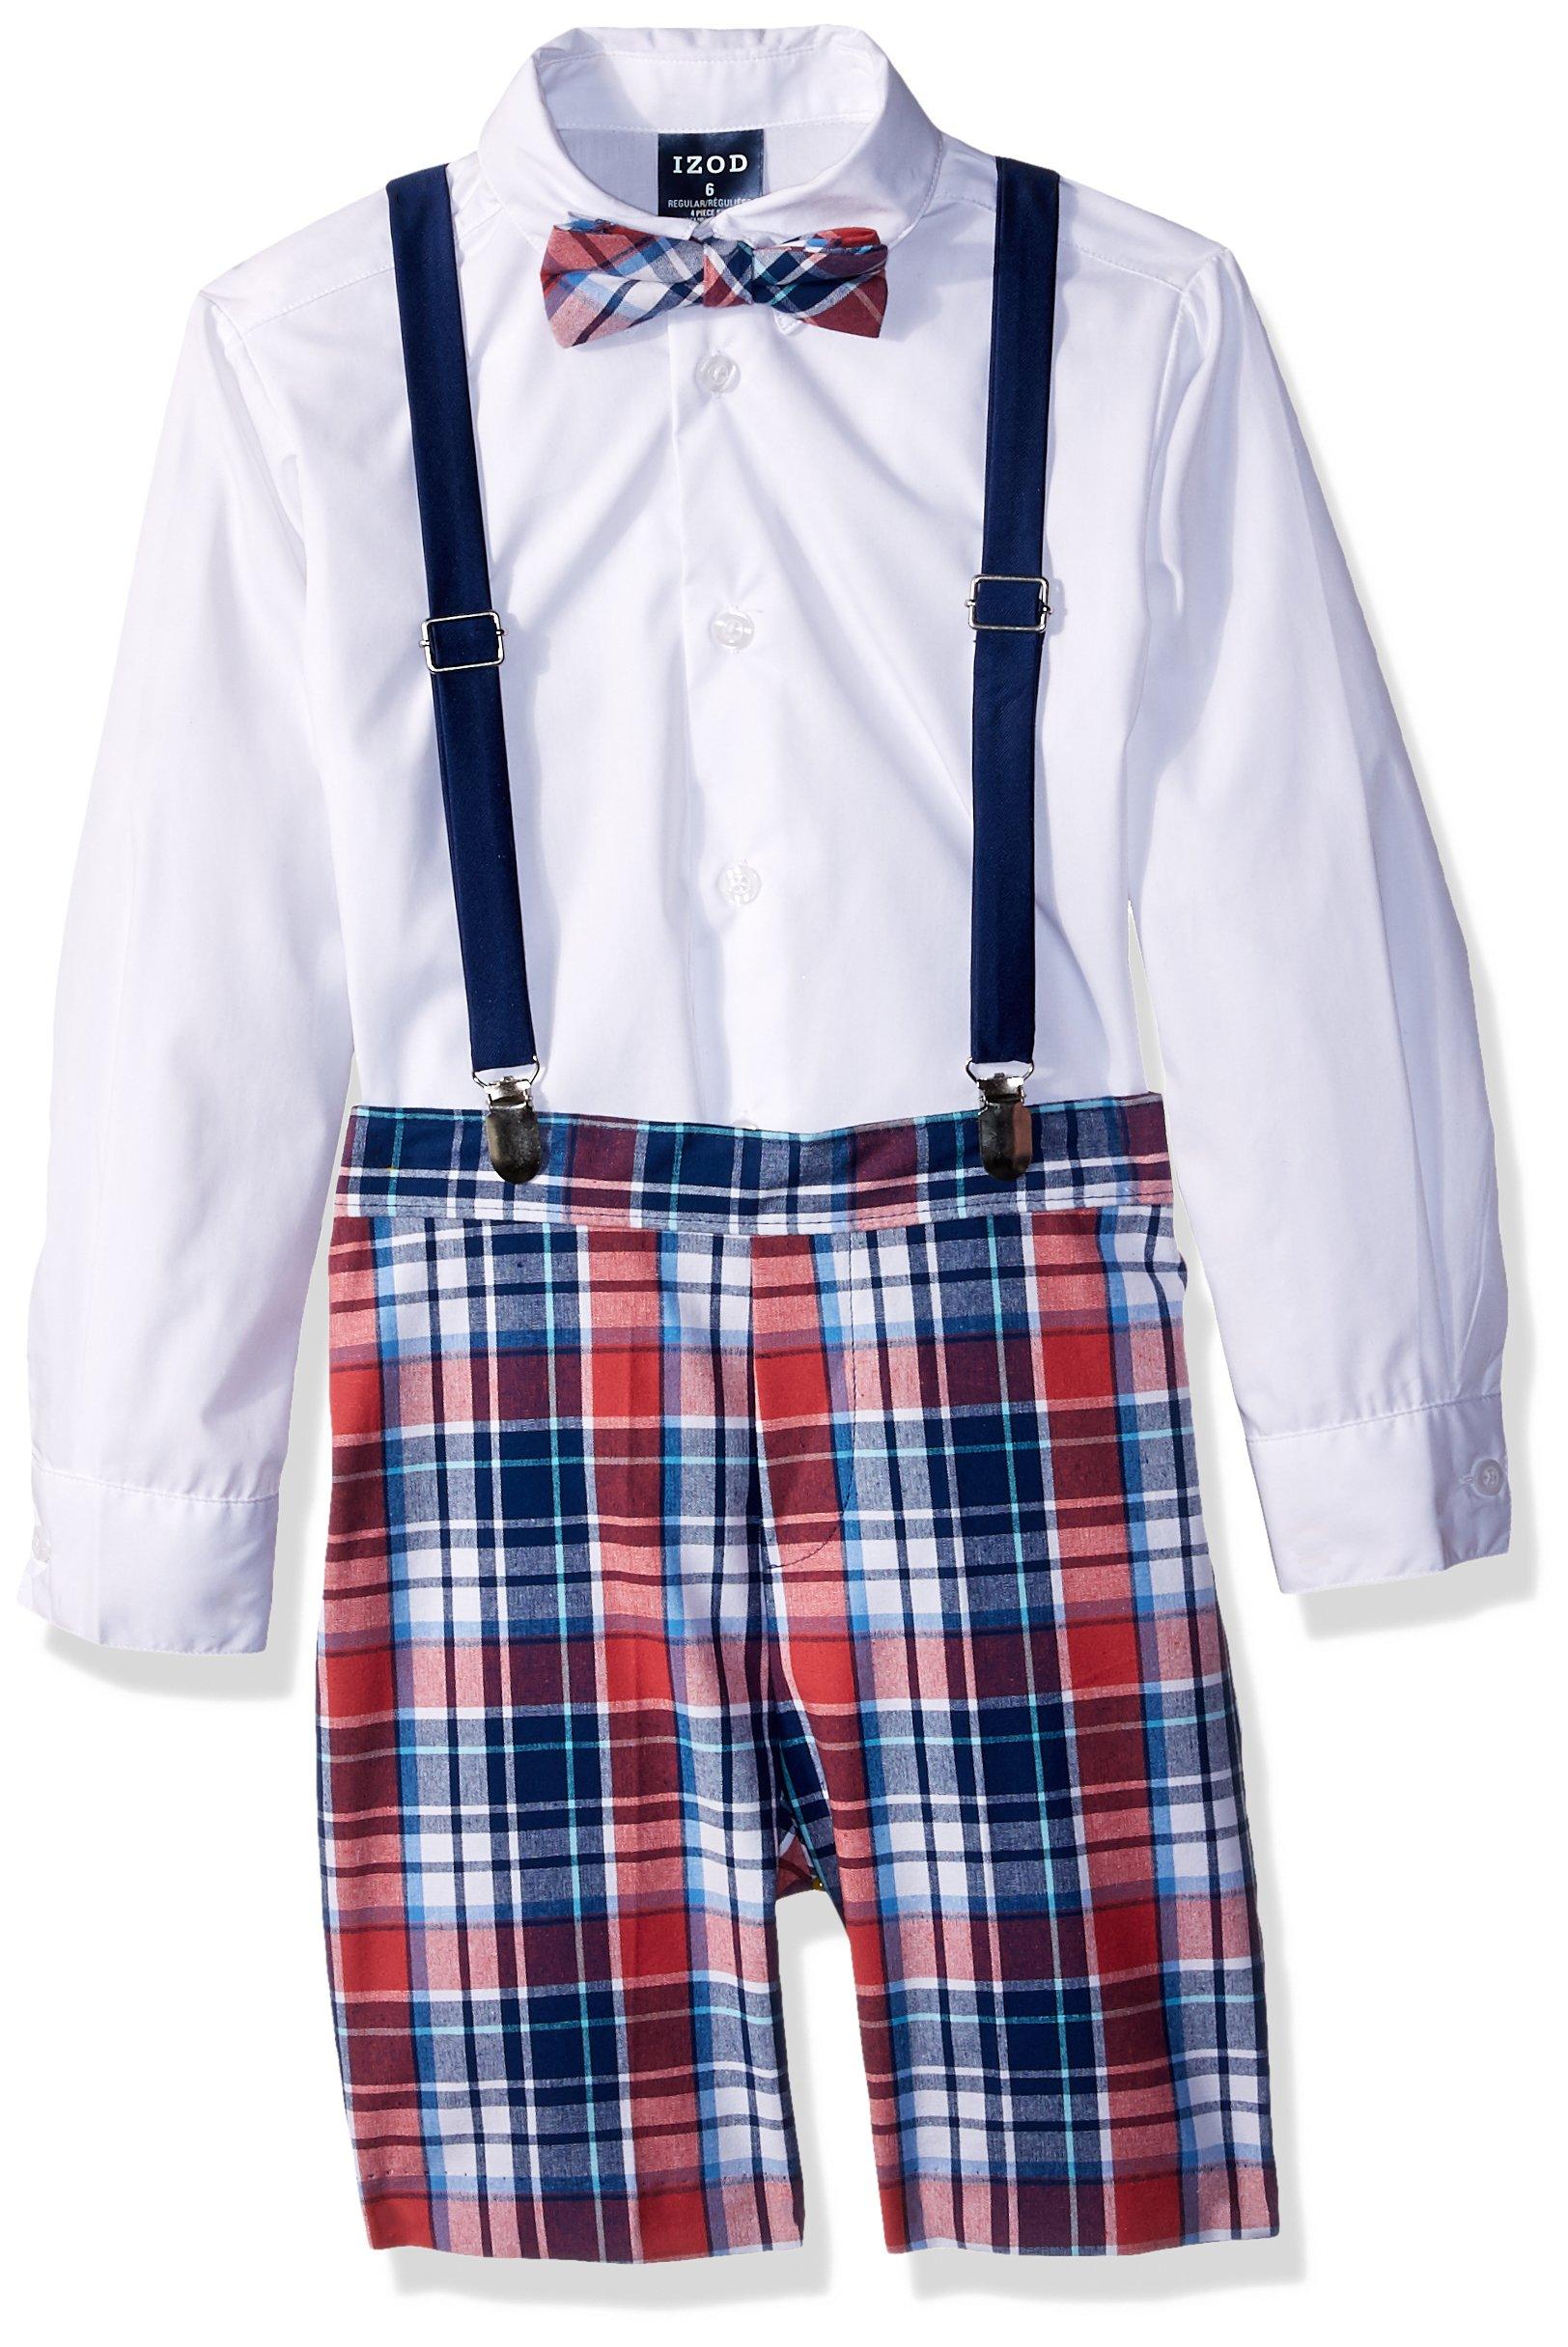 IZOD Little Boys' Four Piece Formal Suspender Set, Bubble Gum Plaid, 6